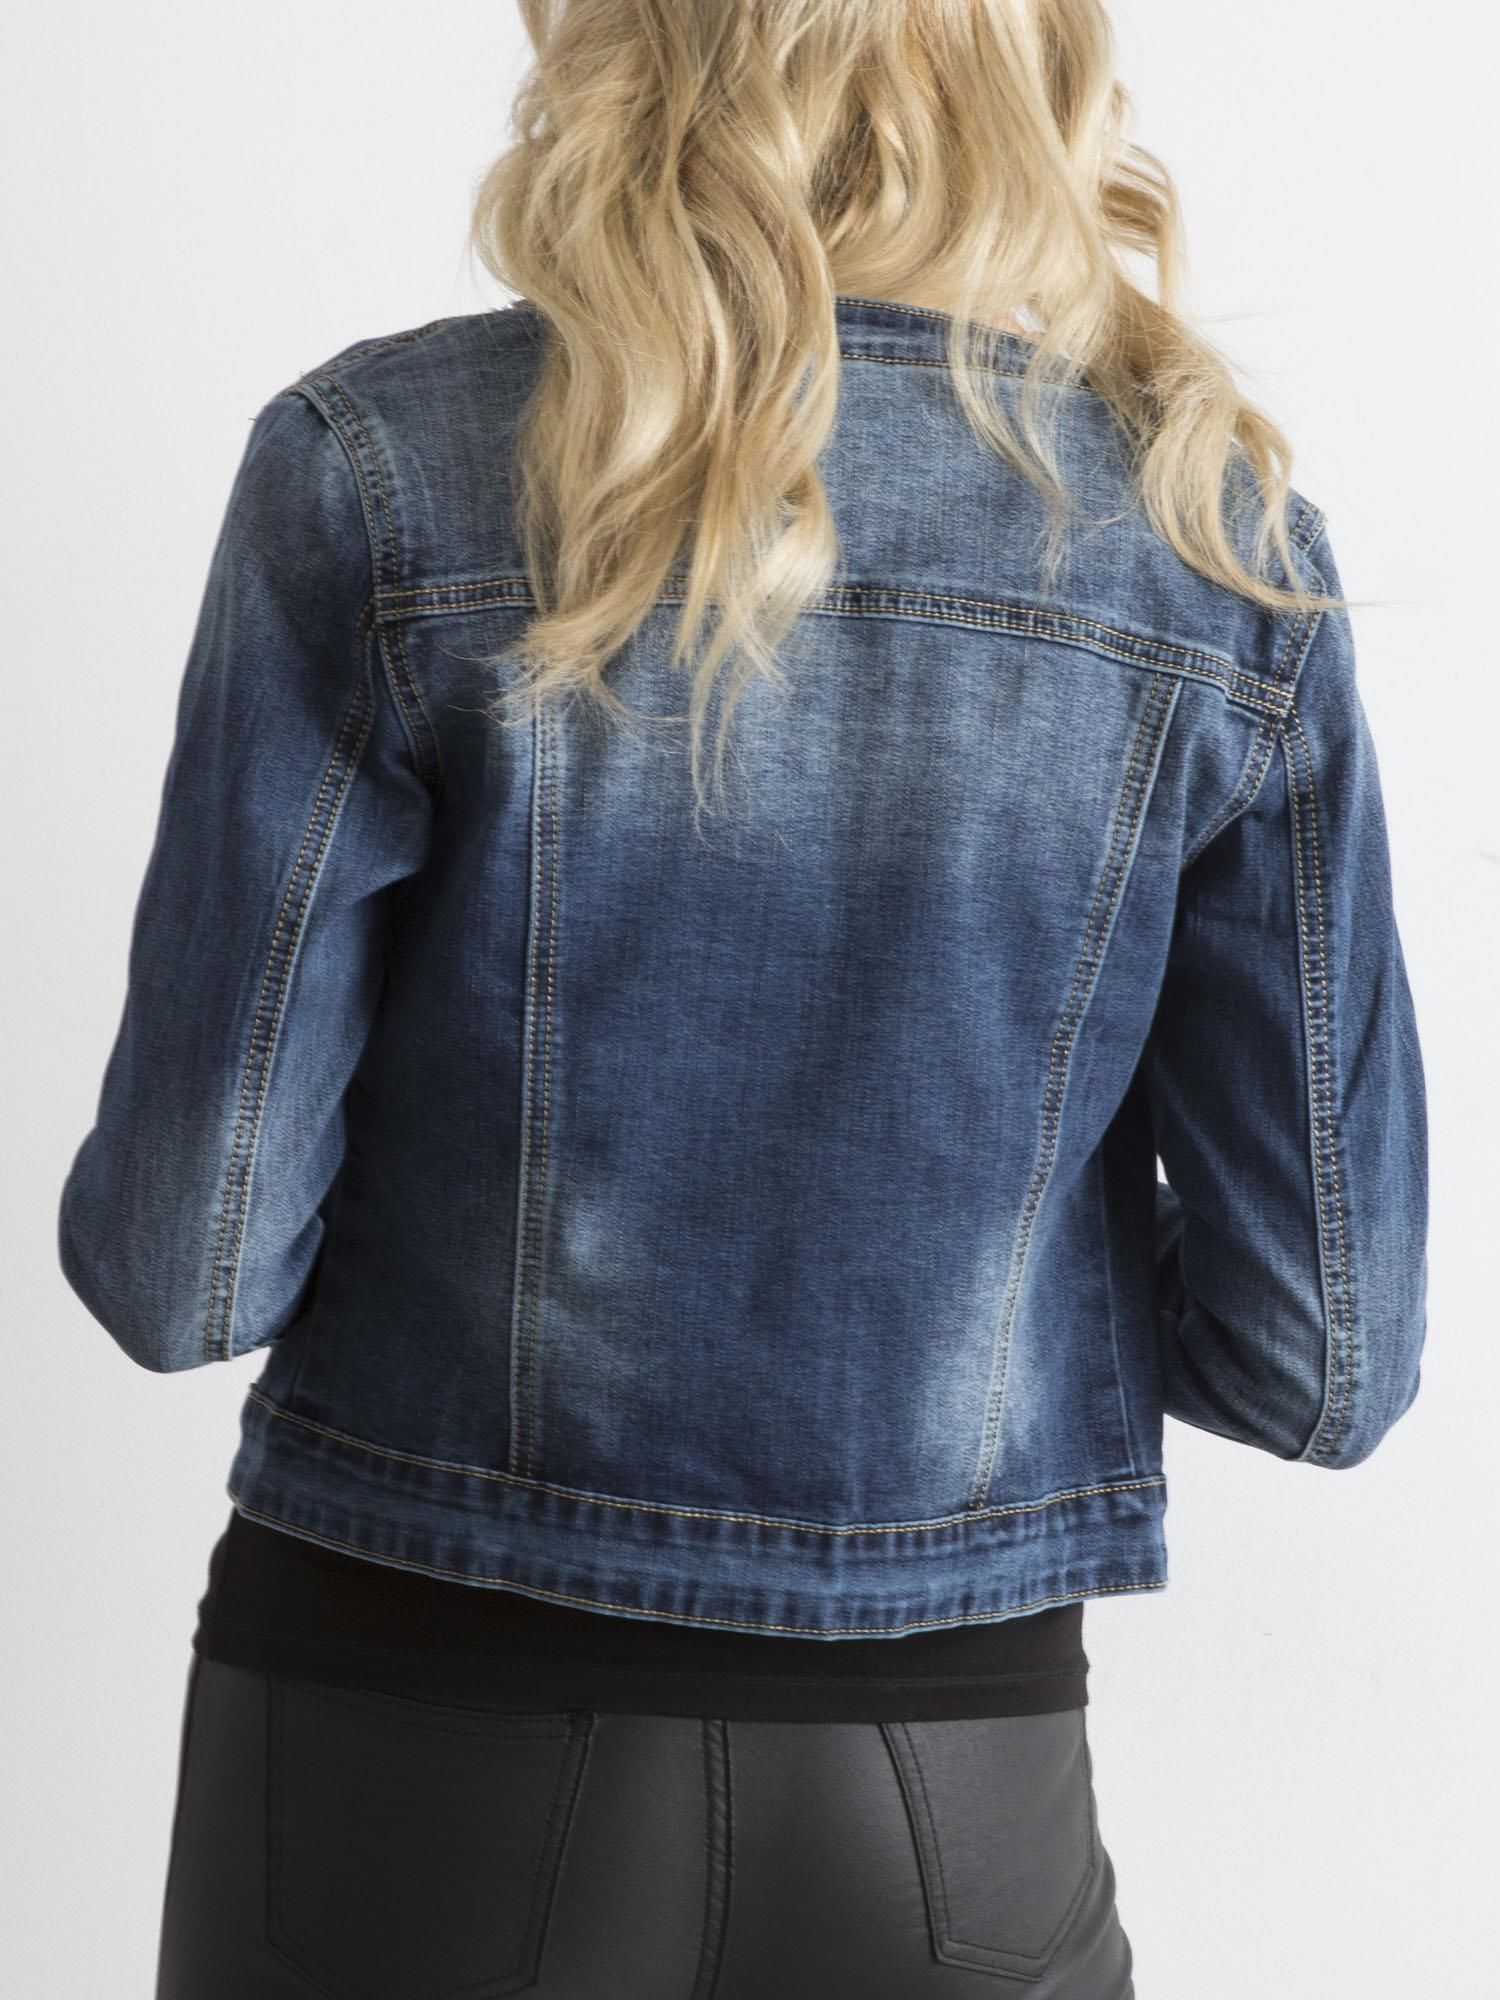 55daf4fd89308 Jeansowa kurtka damska z aplikacją niebieska - Kurtka jeansowa - sklep  eButik.pl